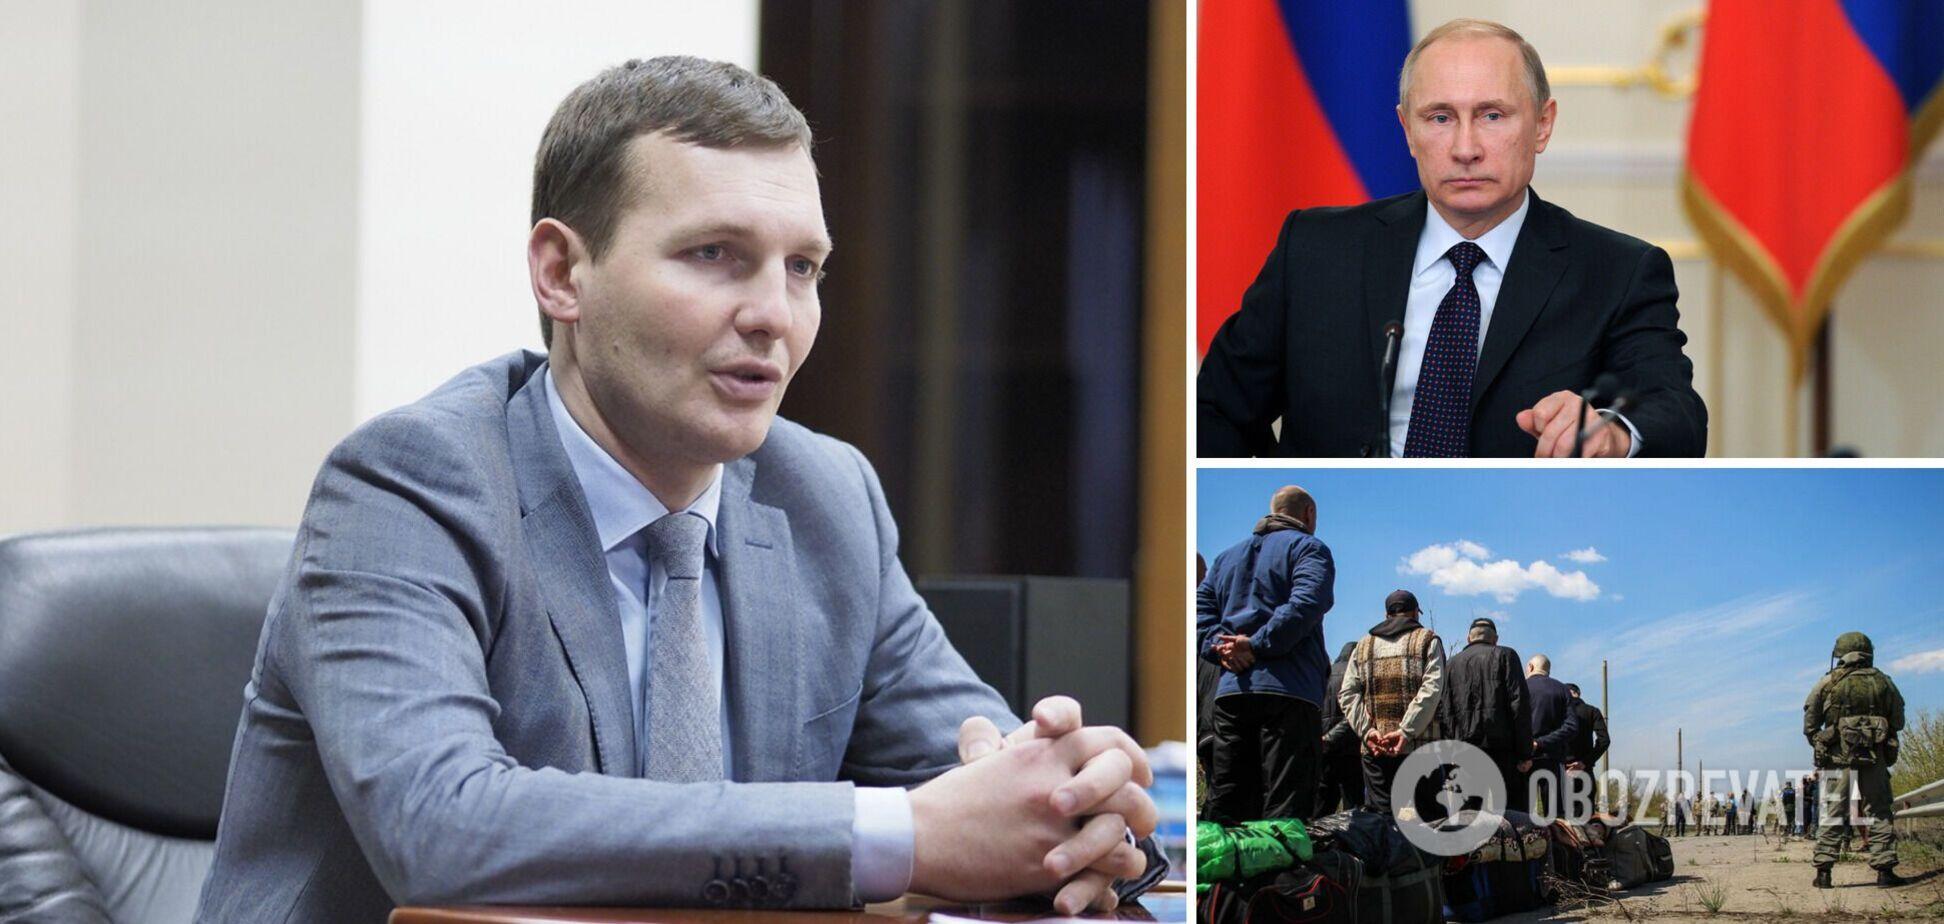 У МЗС заявили, що Путін використовує обмін полоненими на Донбасі для торгу